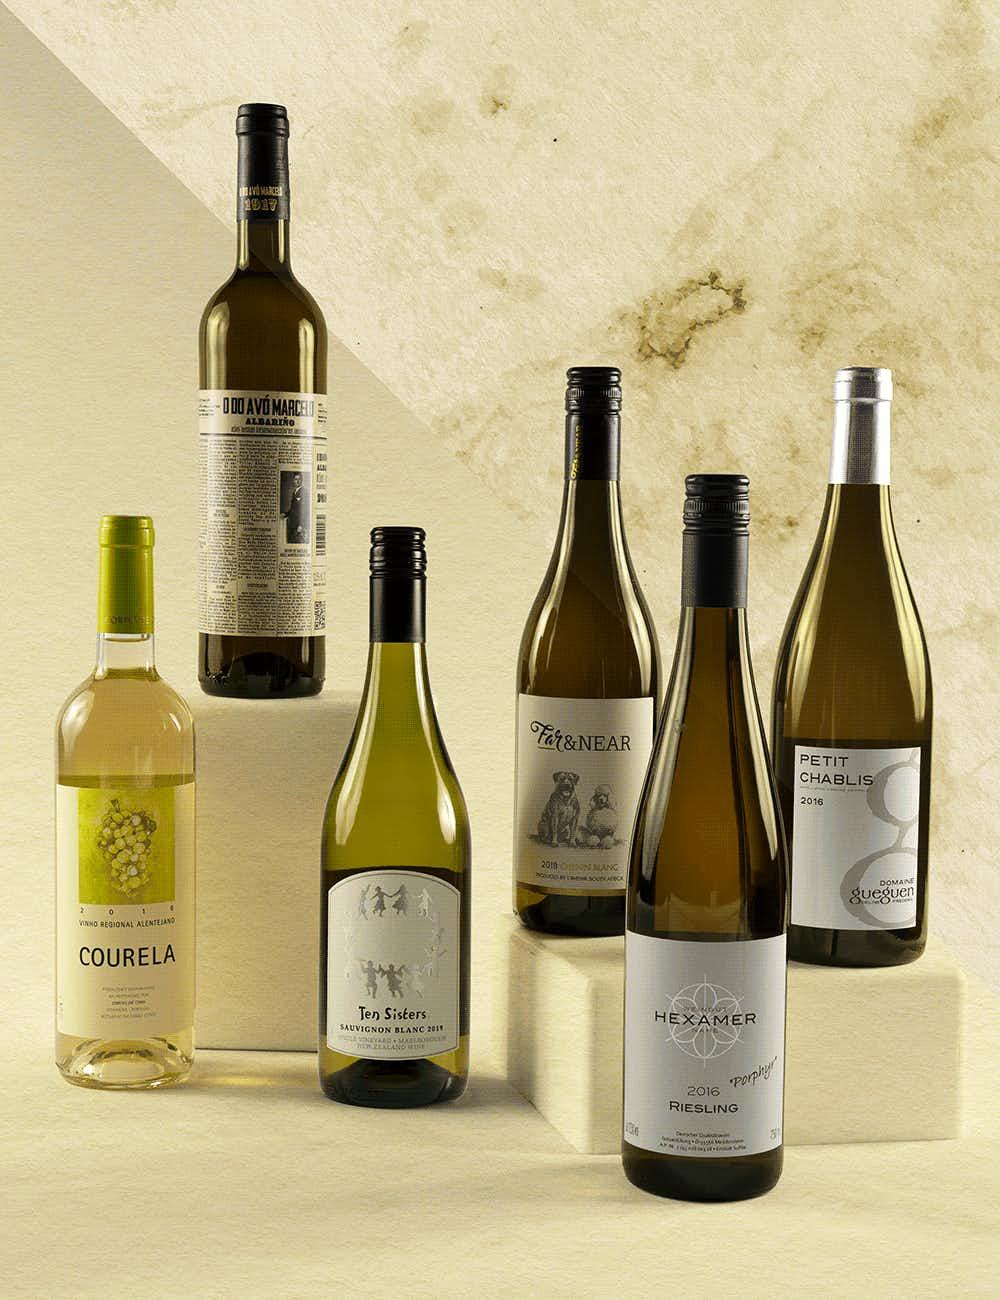 Wine& a white good go